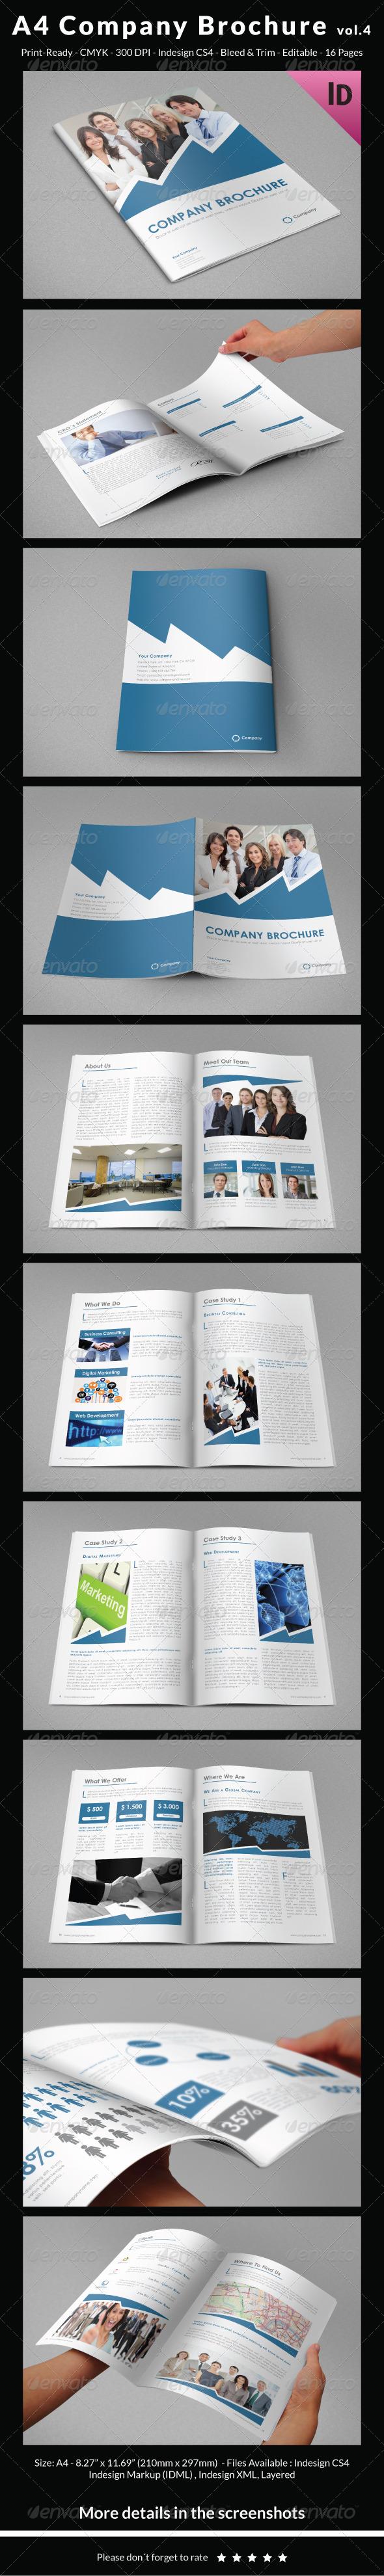 GraphicRiver A4 Company Brochure vol.4 6830235